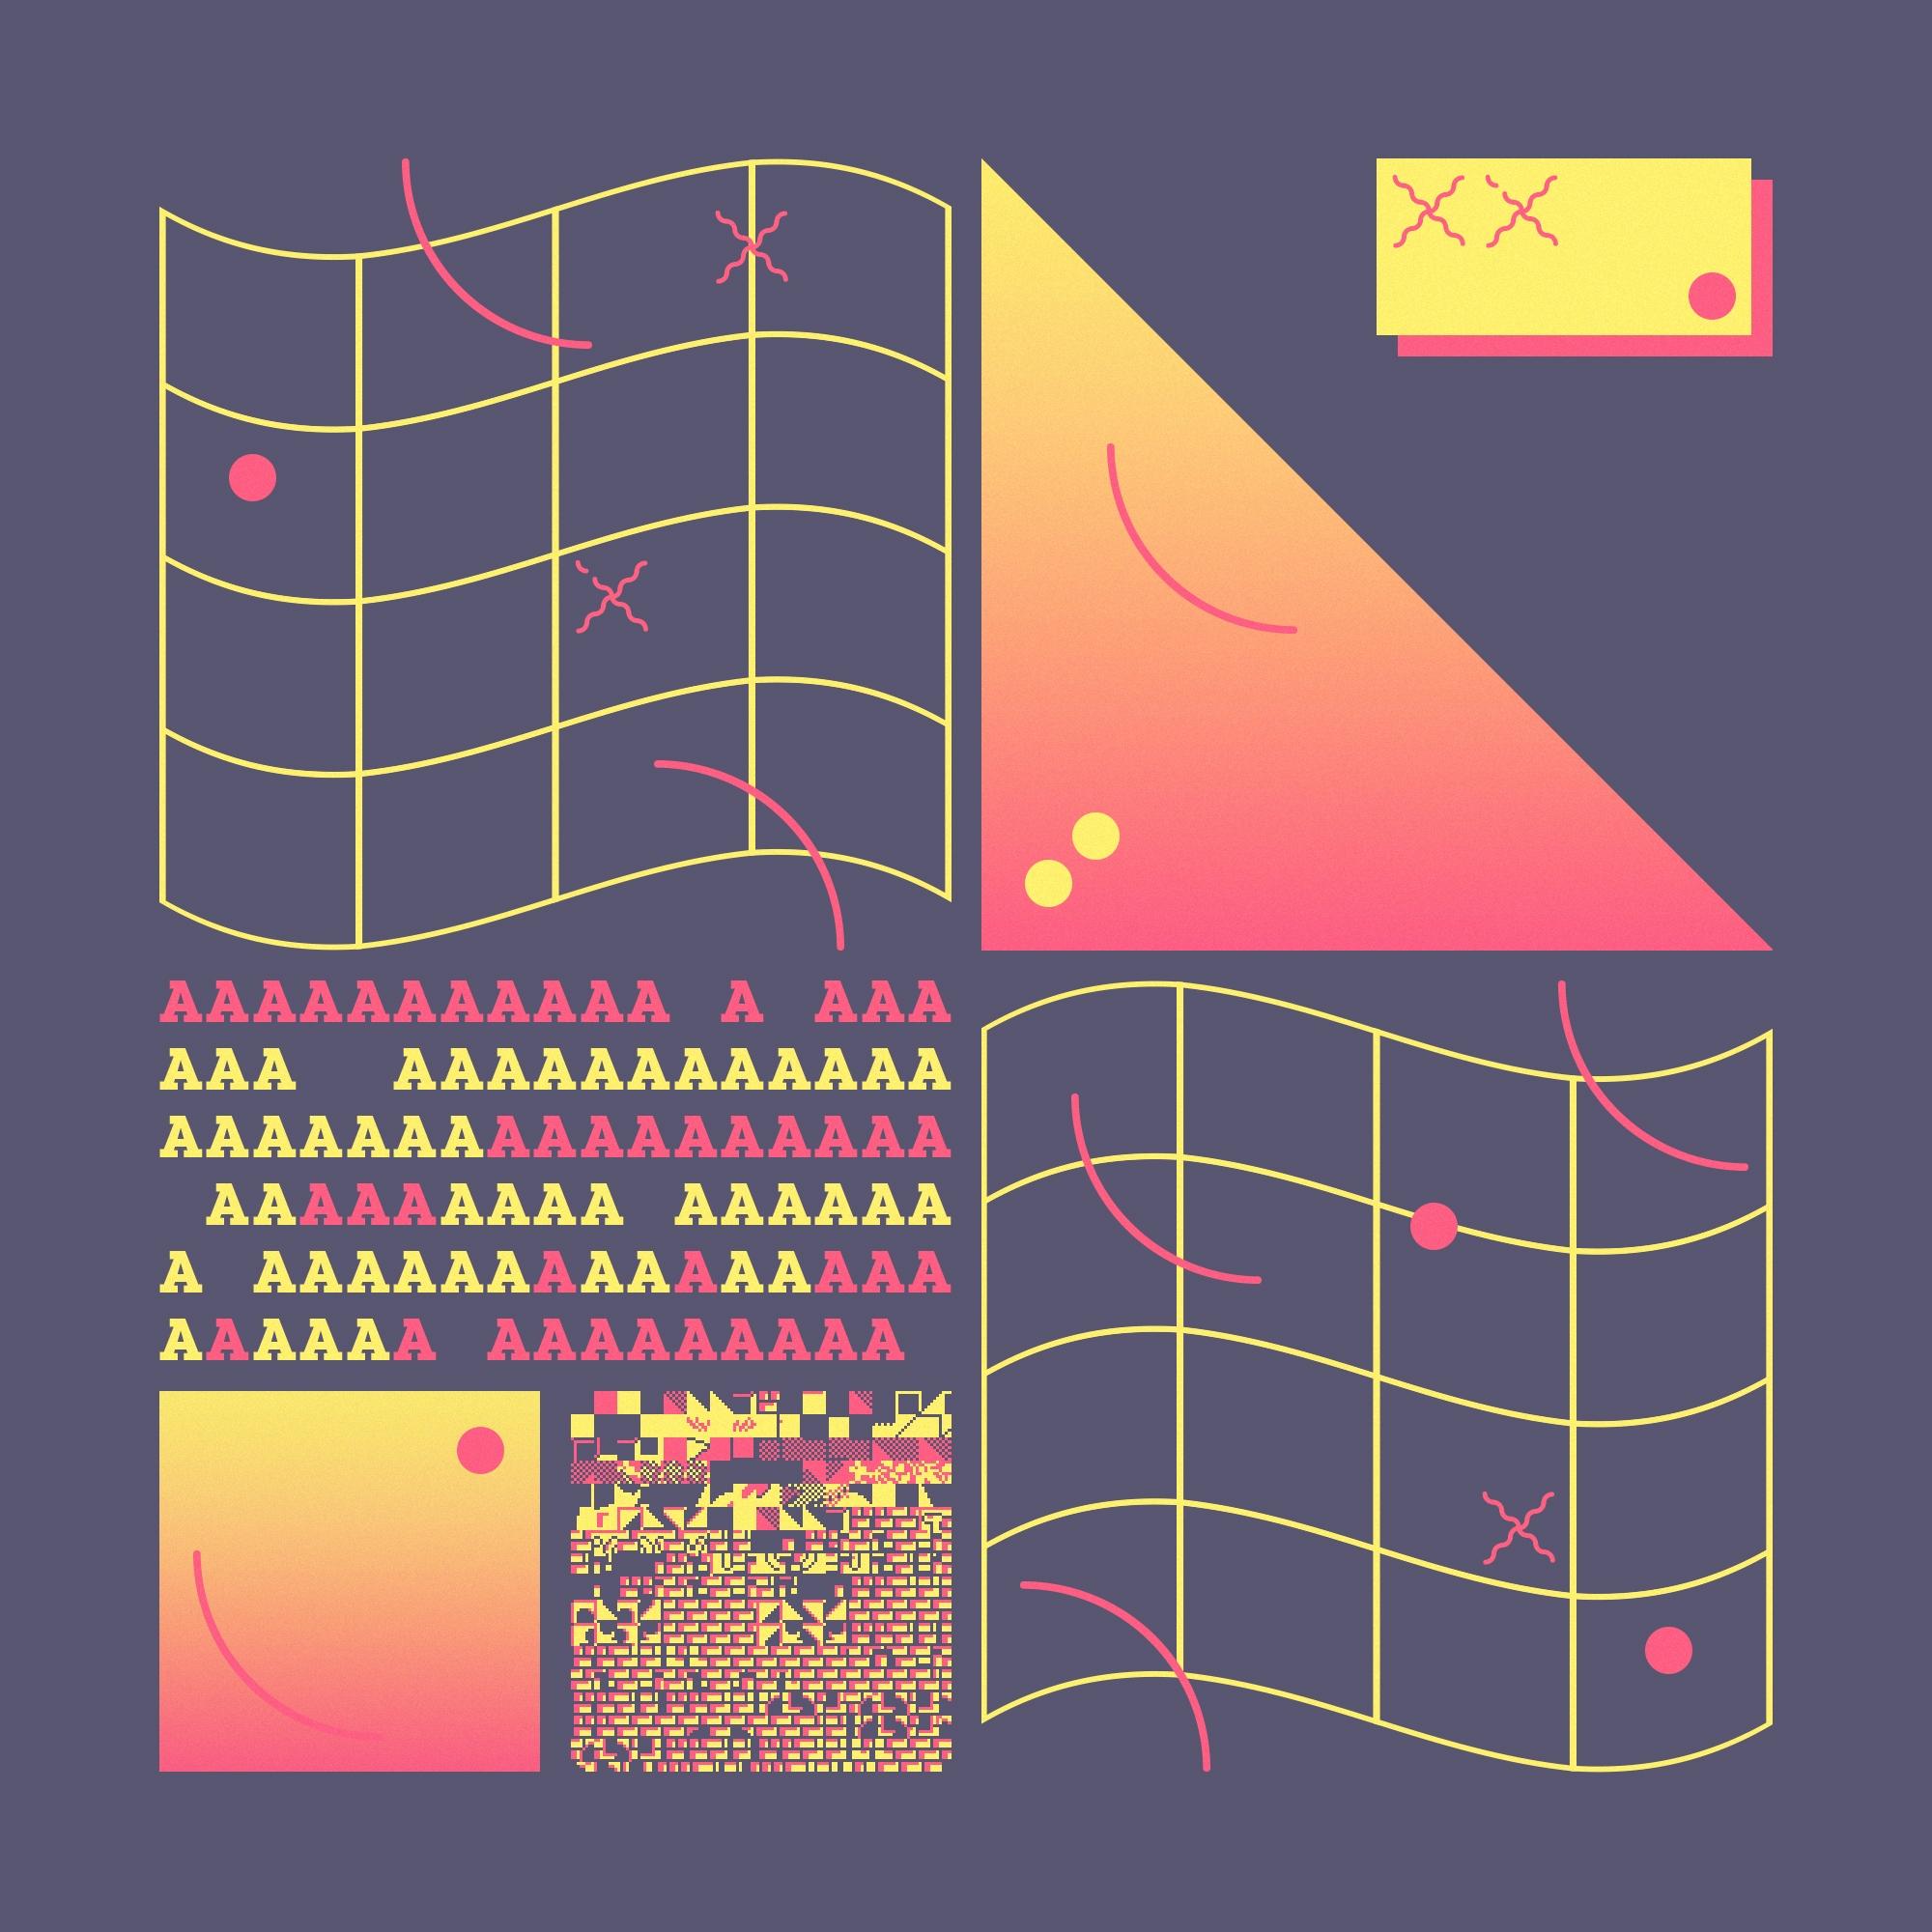 Science art artwork design grap - lxtxcx | ello